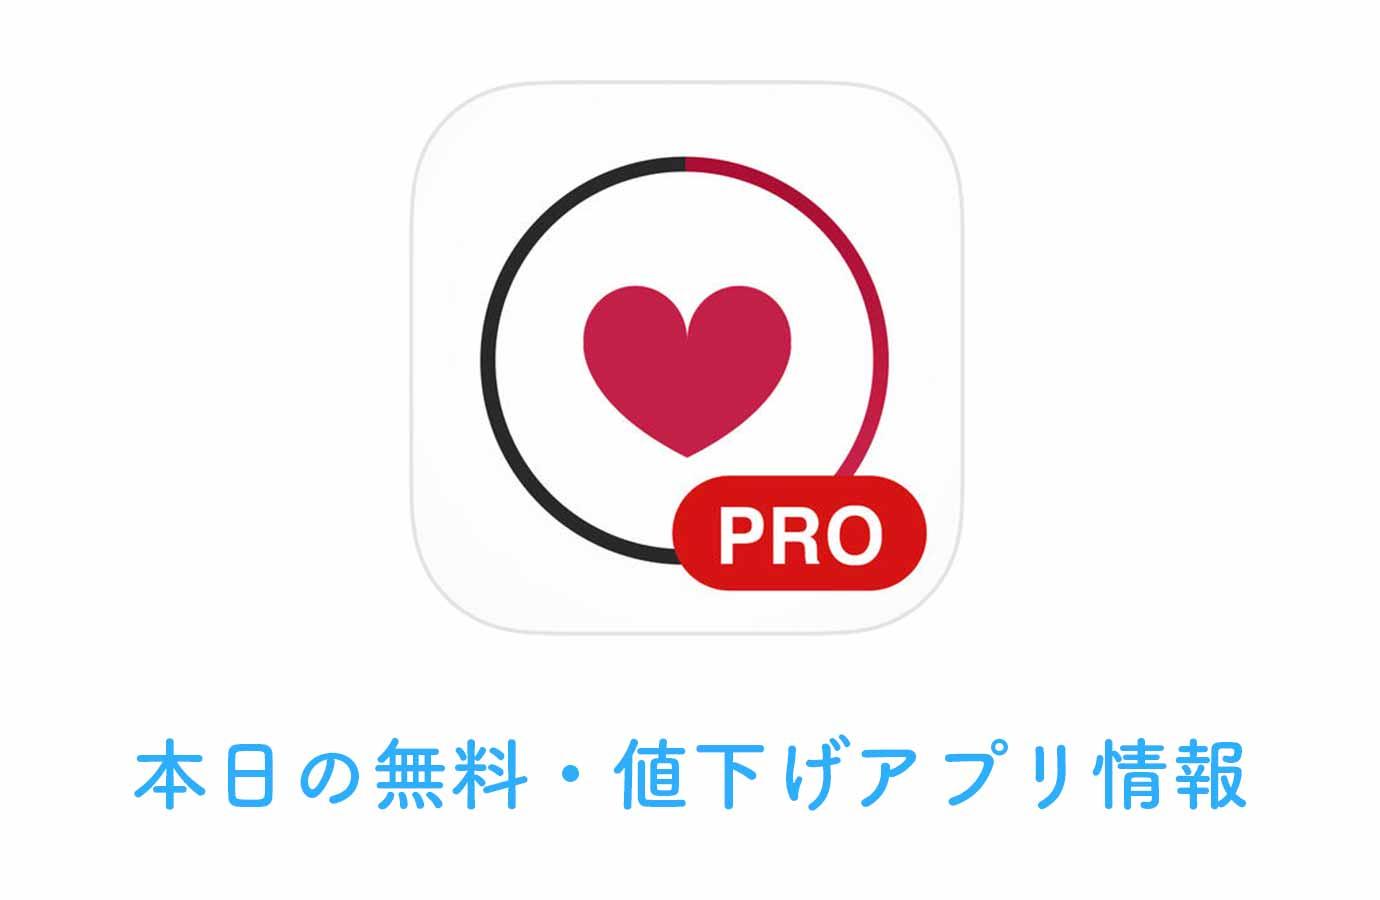 【240円→無料】カメラを使って心拍数を計測できる「Runtastic Heart Rate PRO」など【2/11】本日の無料・値下げアプリ情報